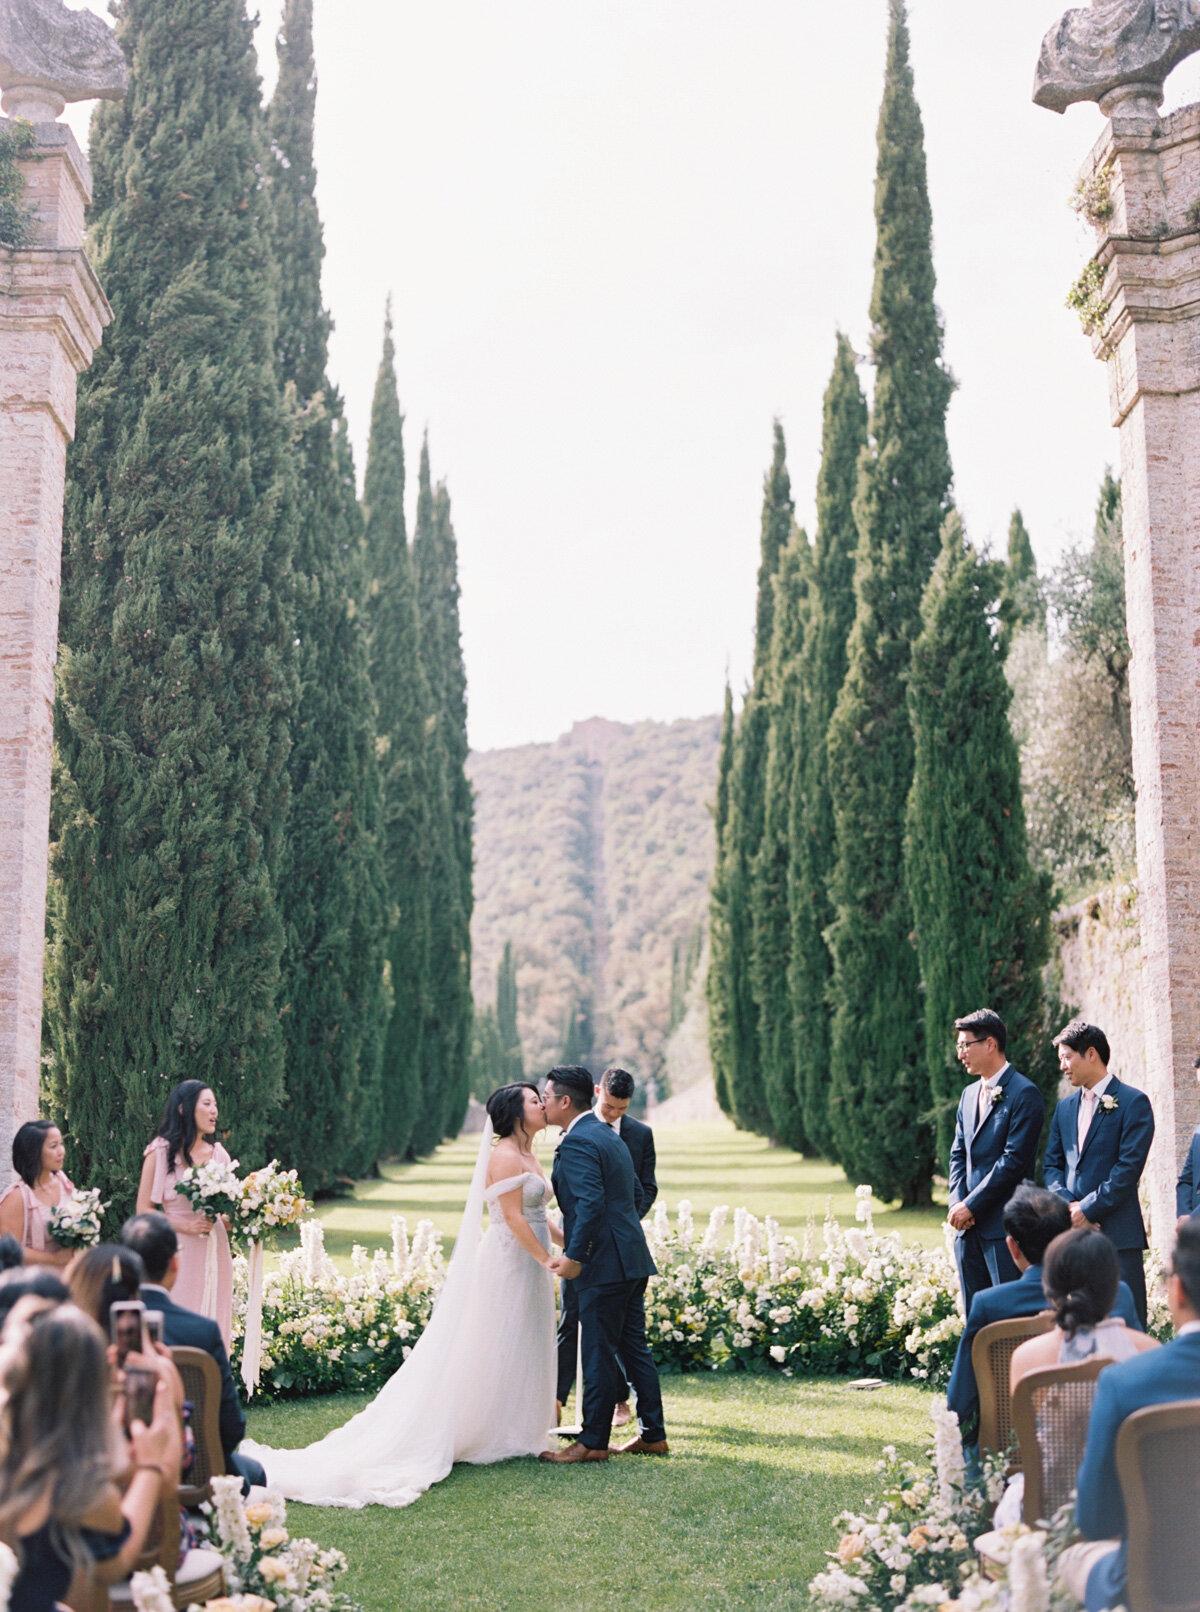 Villa-Cetinale-Tuscany-Katie-Grant-destination-wedding (78 of 115).jpg